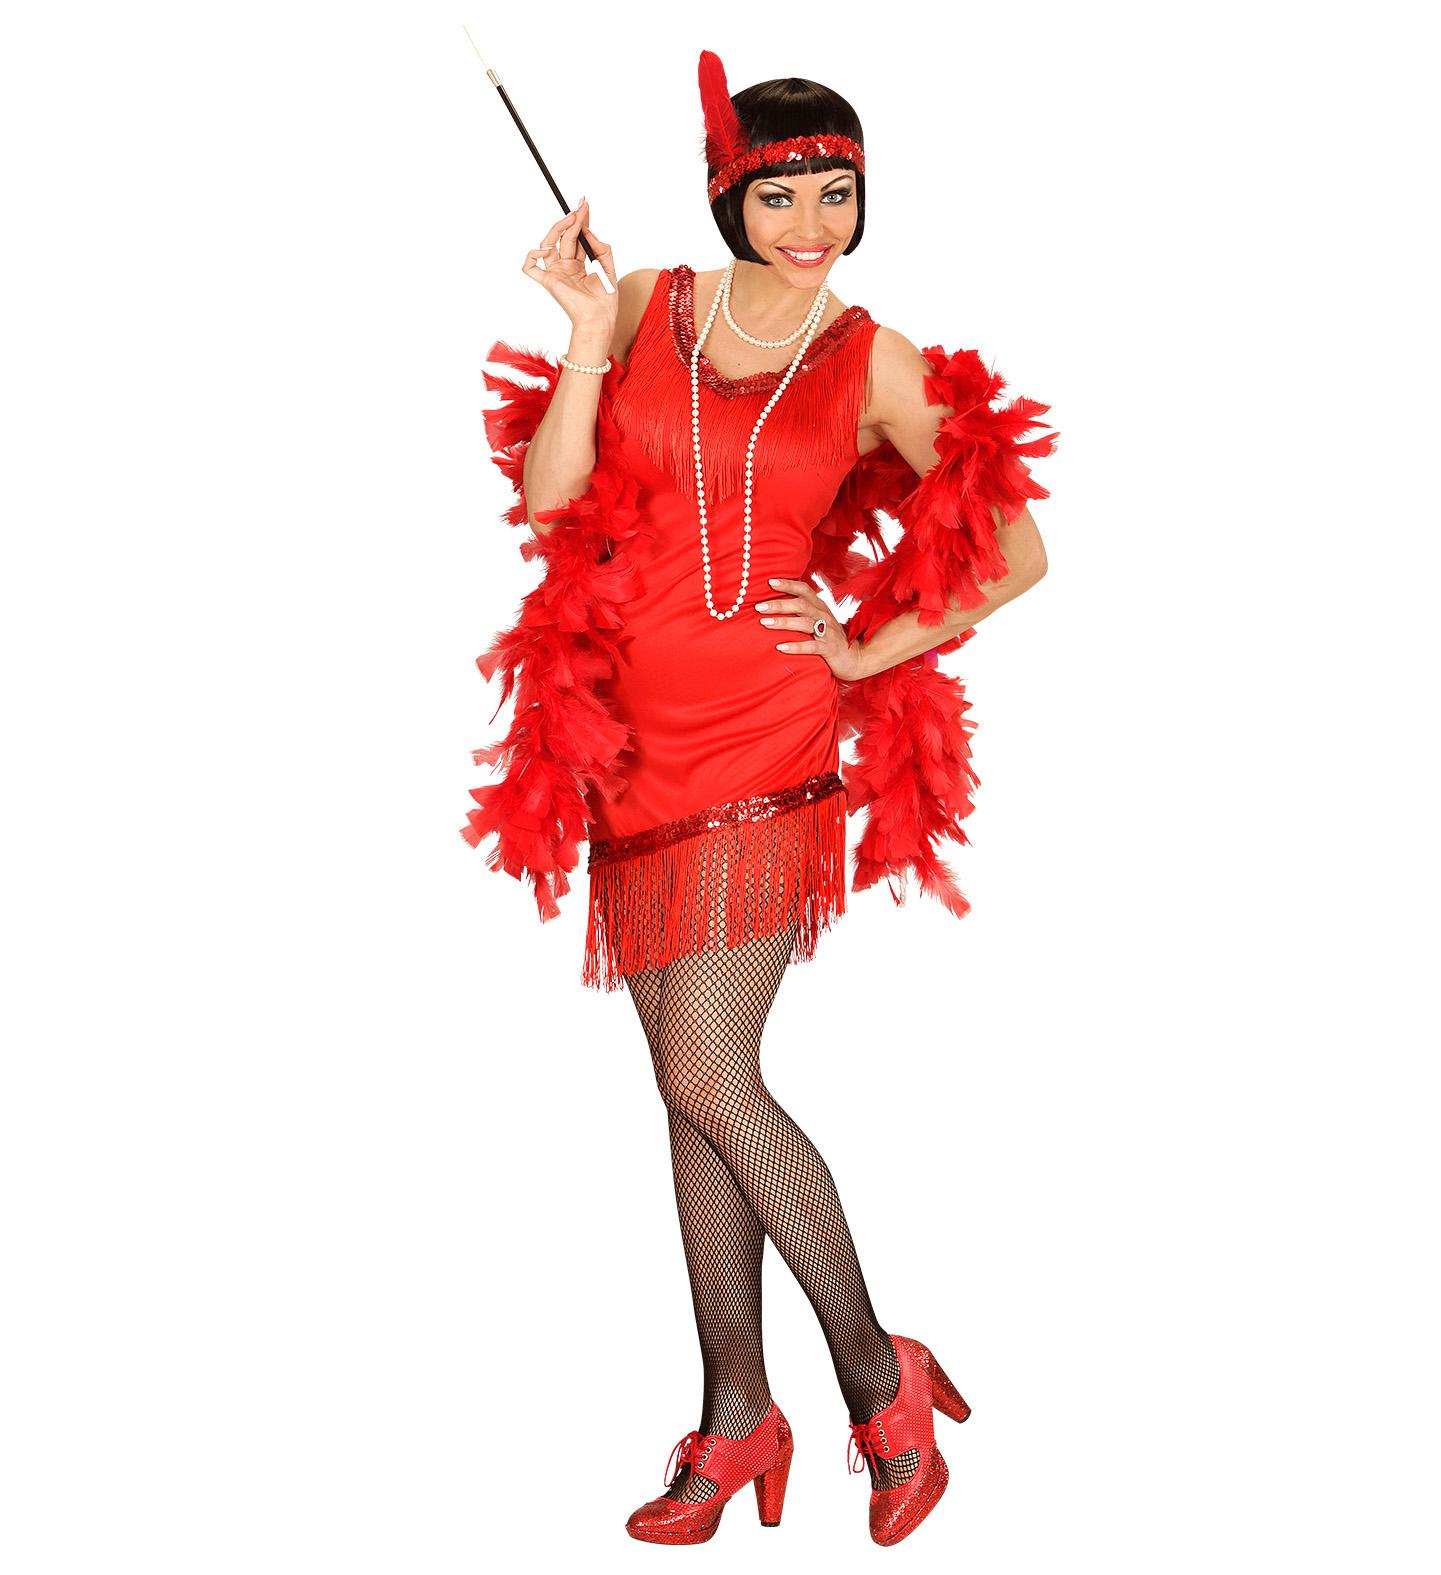 Kostým Charleston šaty červené Velikost: S (36-38)